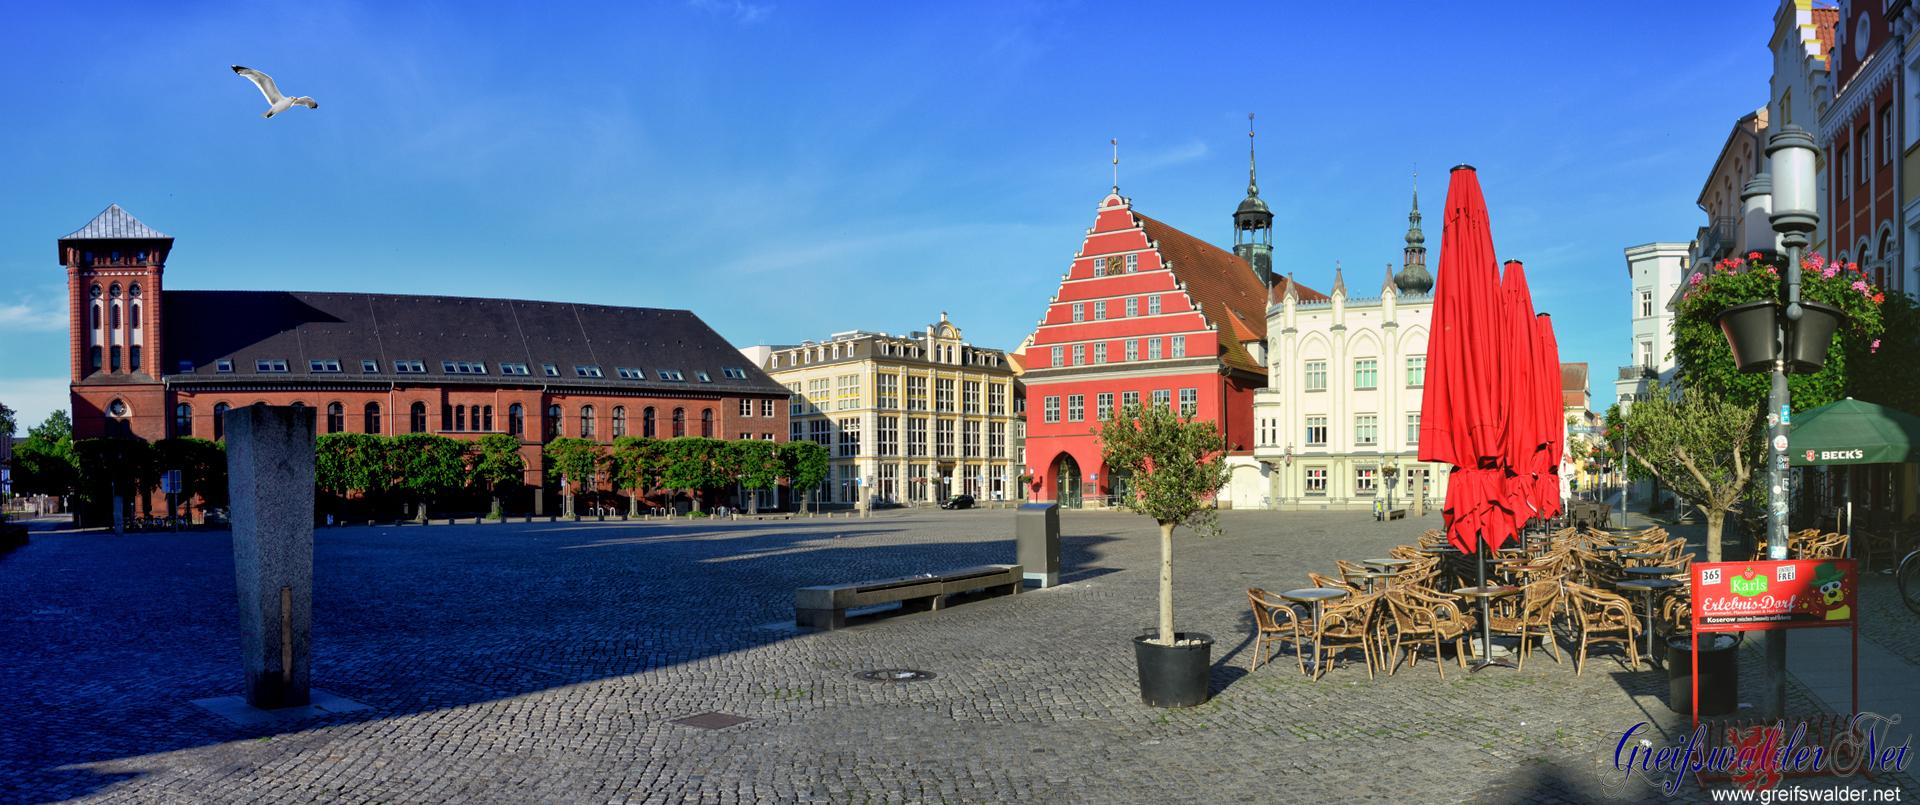 Pfingstmontag-Morgen auf dem Marktplatz in Greifswald